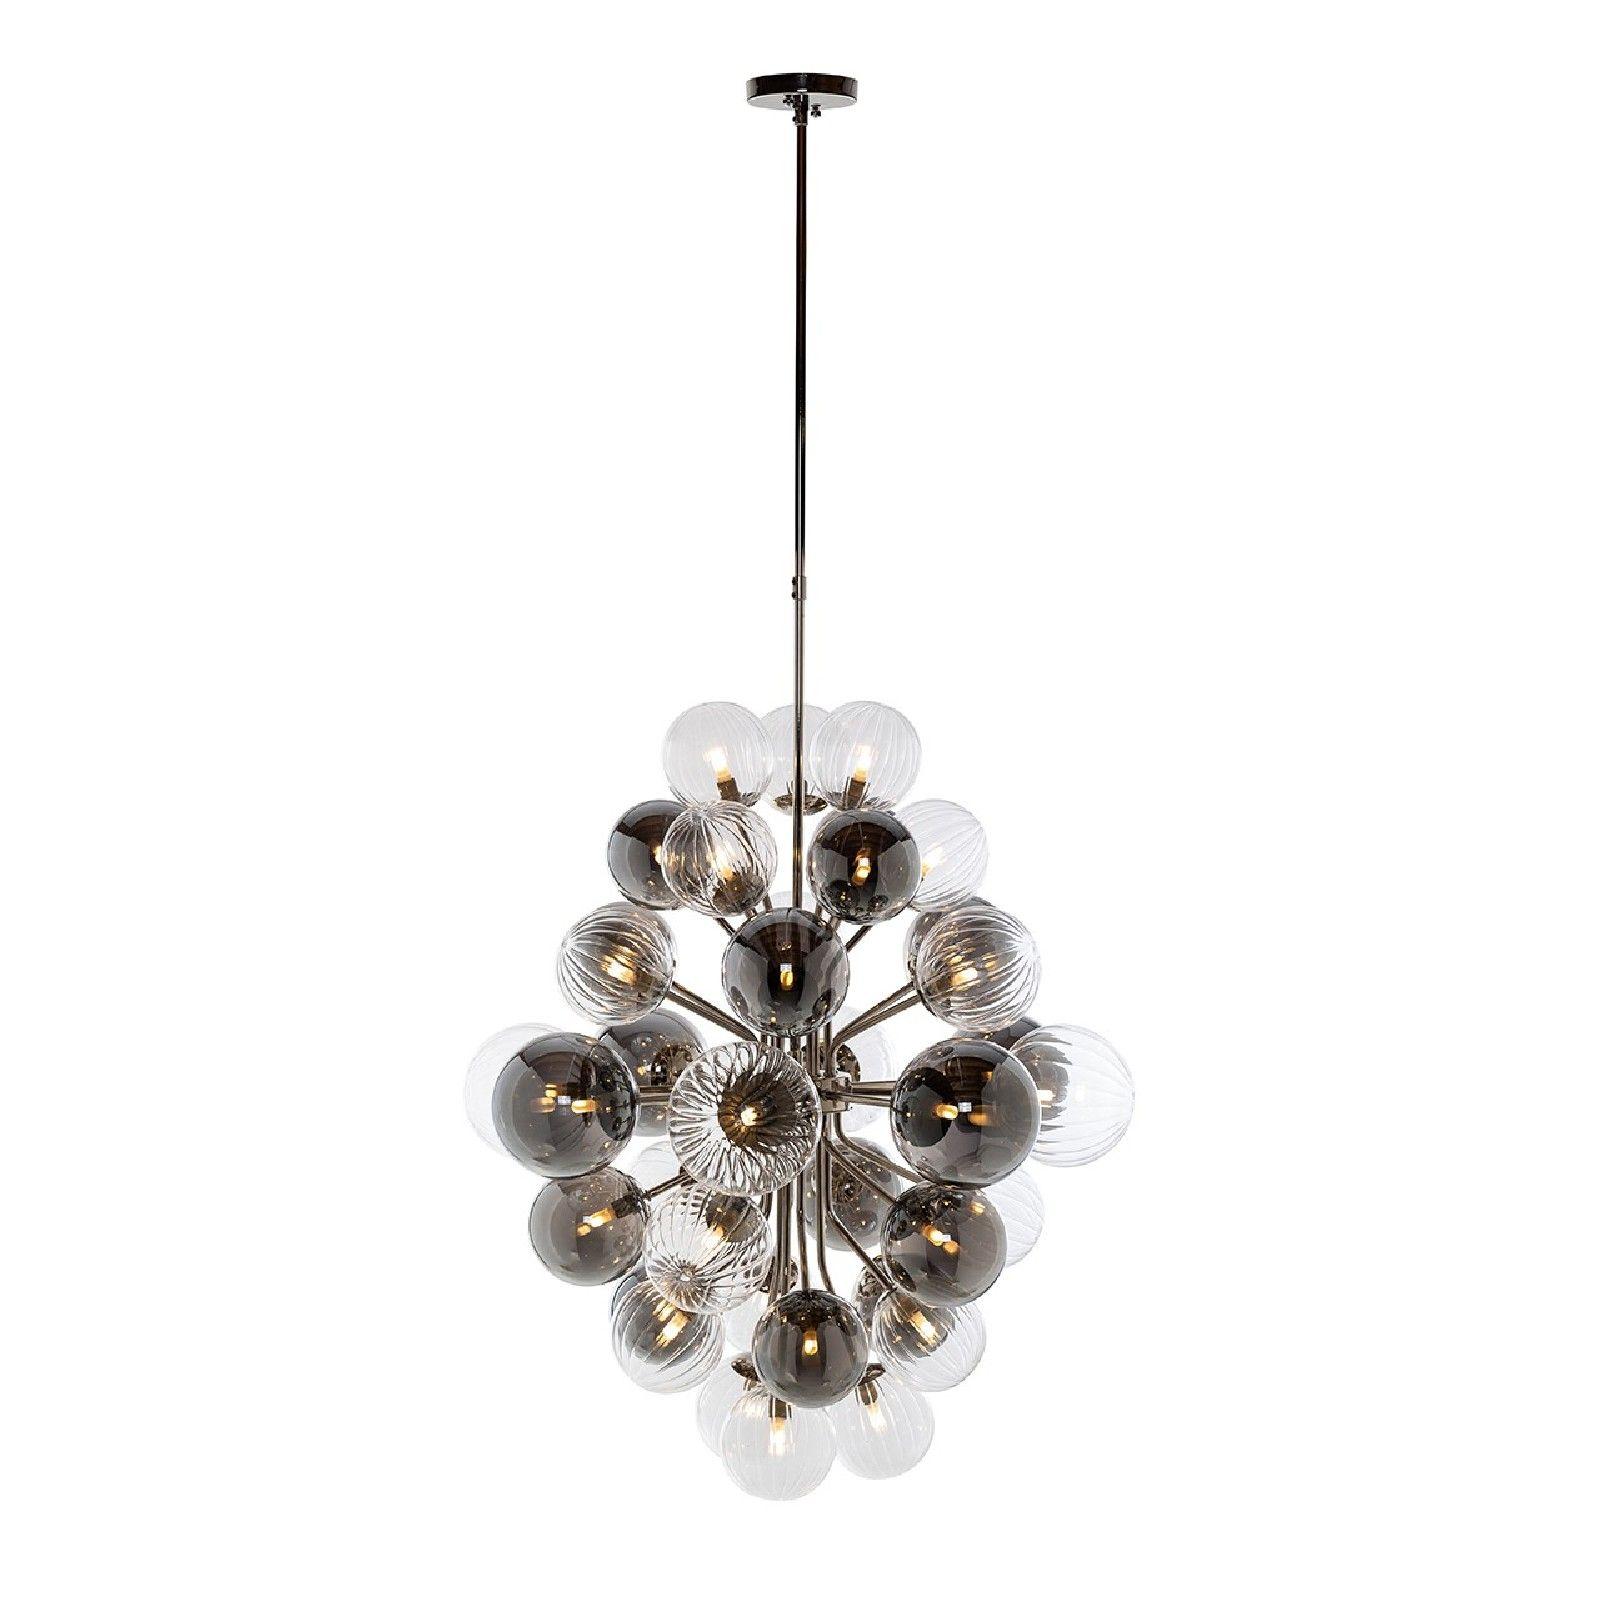 Lampe suspendue BenzoG9 (max 1,9 largeur / 38 pieces) Suspensions et plafonniers - 37